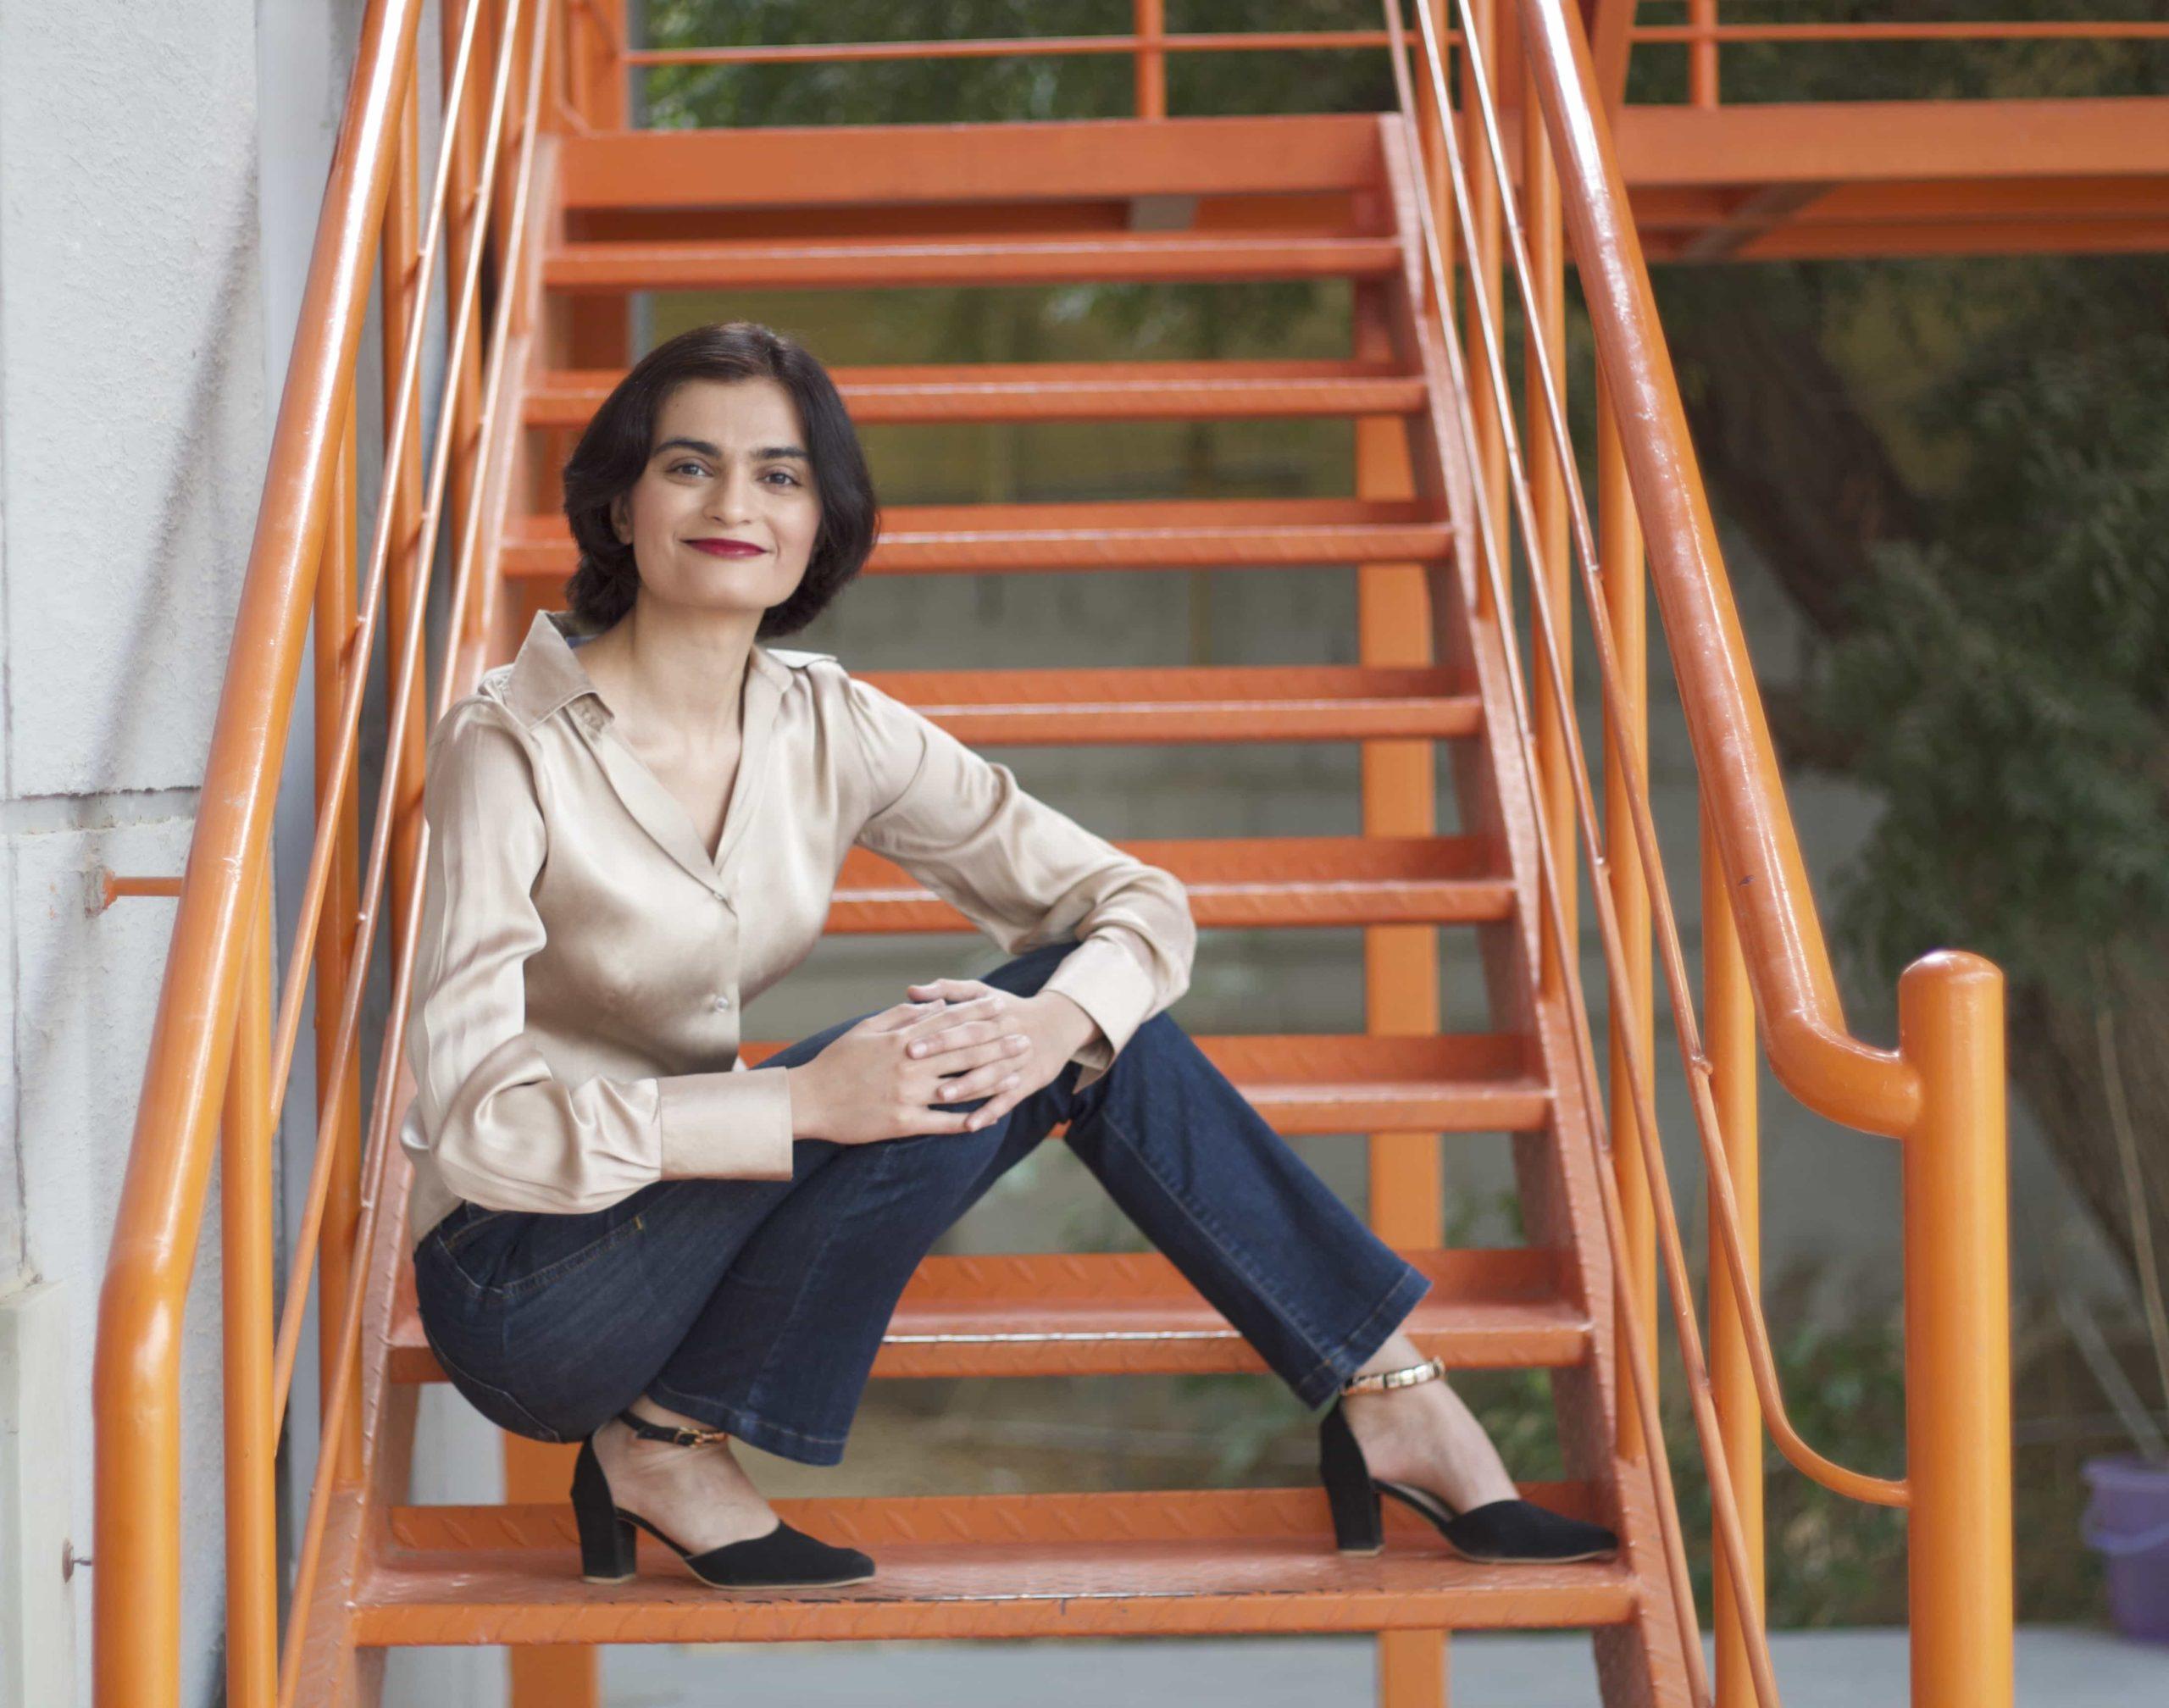 Hello, I'm Sana Choudary